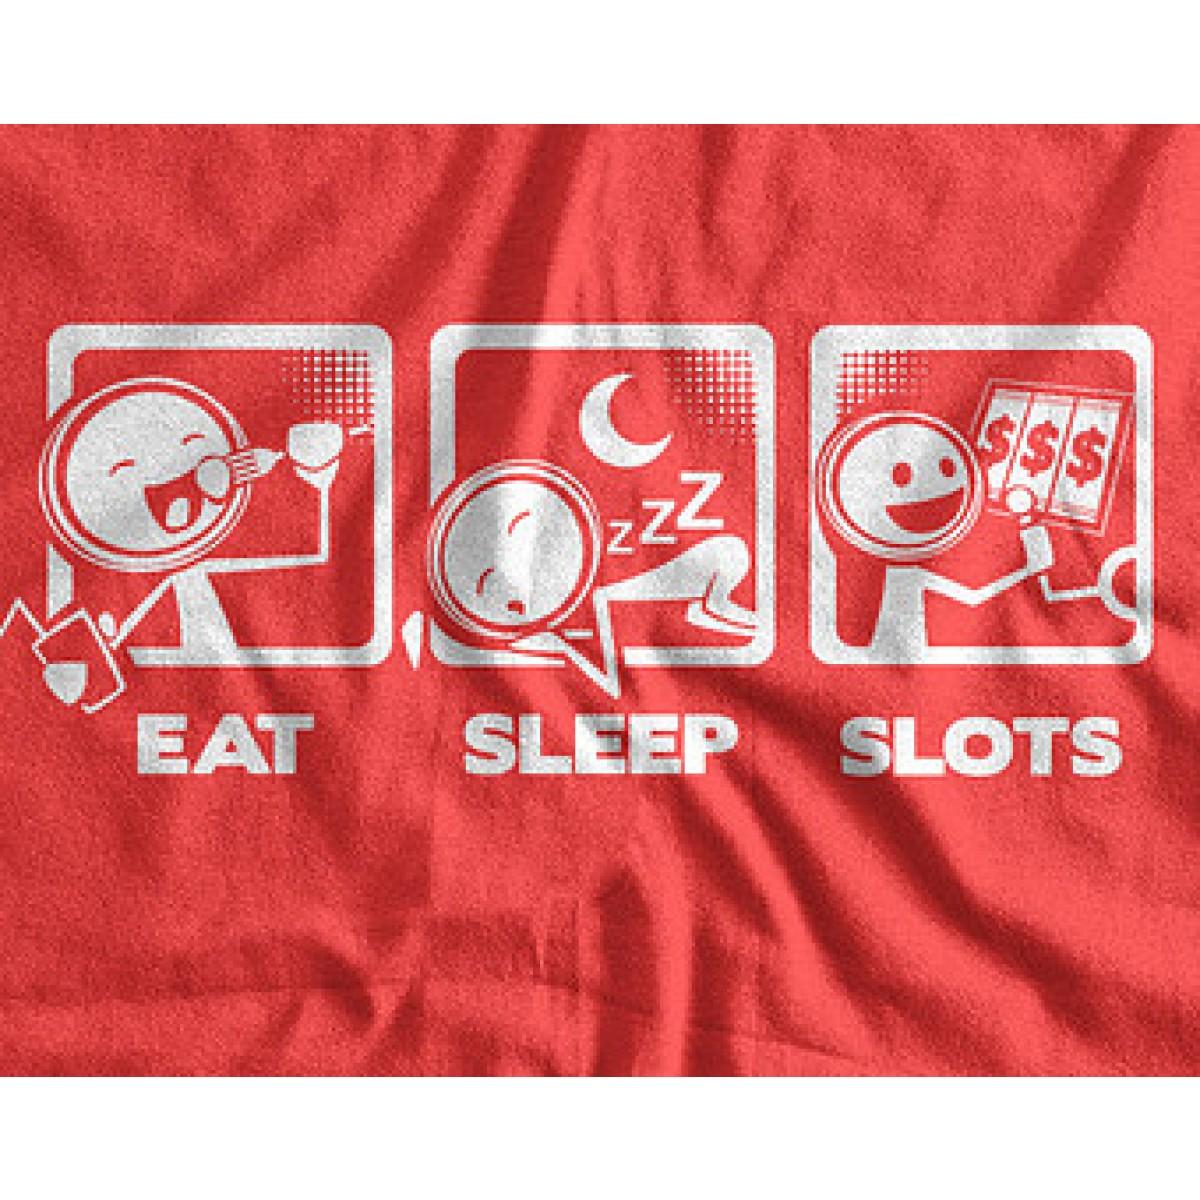 Funny Casino Quotes